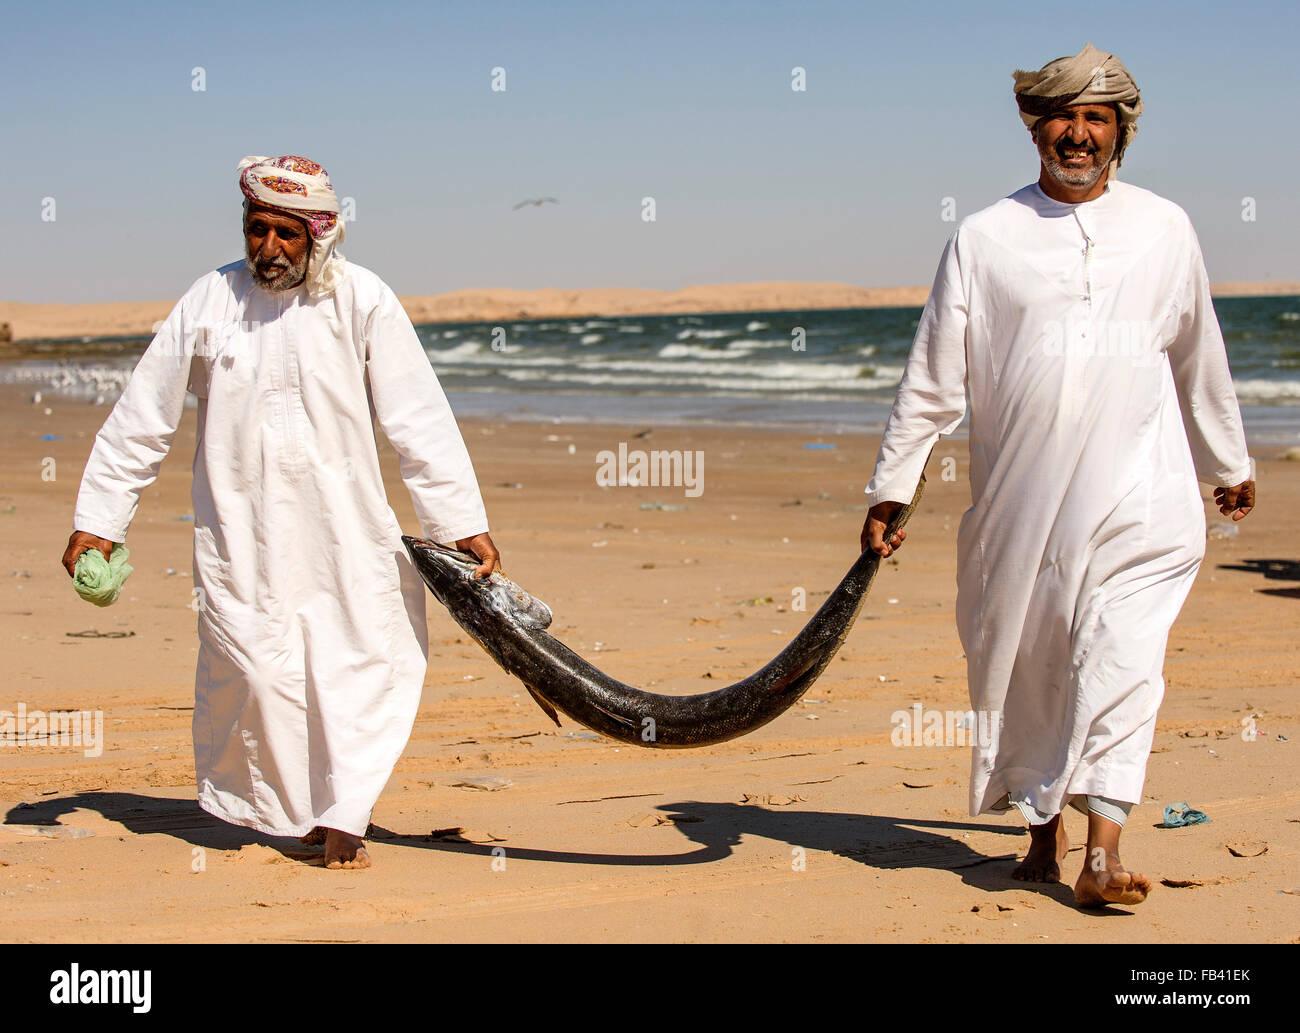 Les pêcheurs et les barracudas, Oman Photo Stock